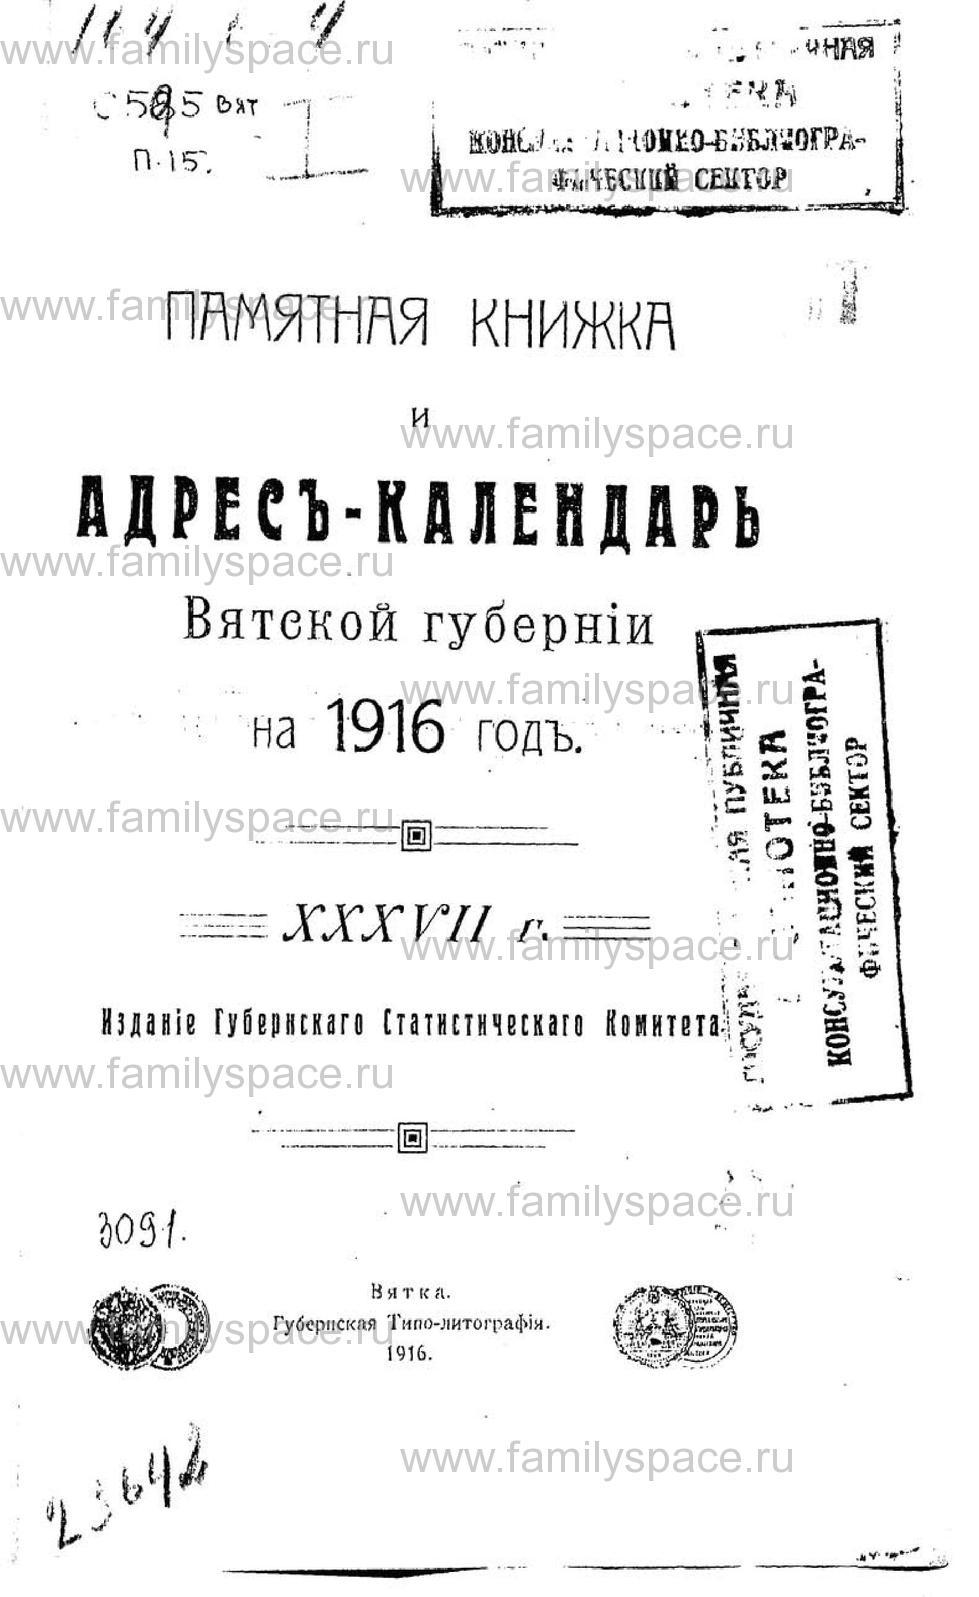 Поиск по фамилии - Памятная книжка Вятской губернии и календарь на 1916 год, страница 1